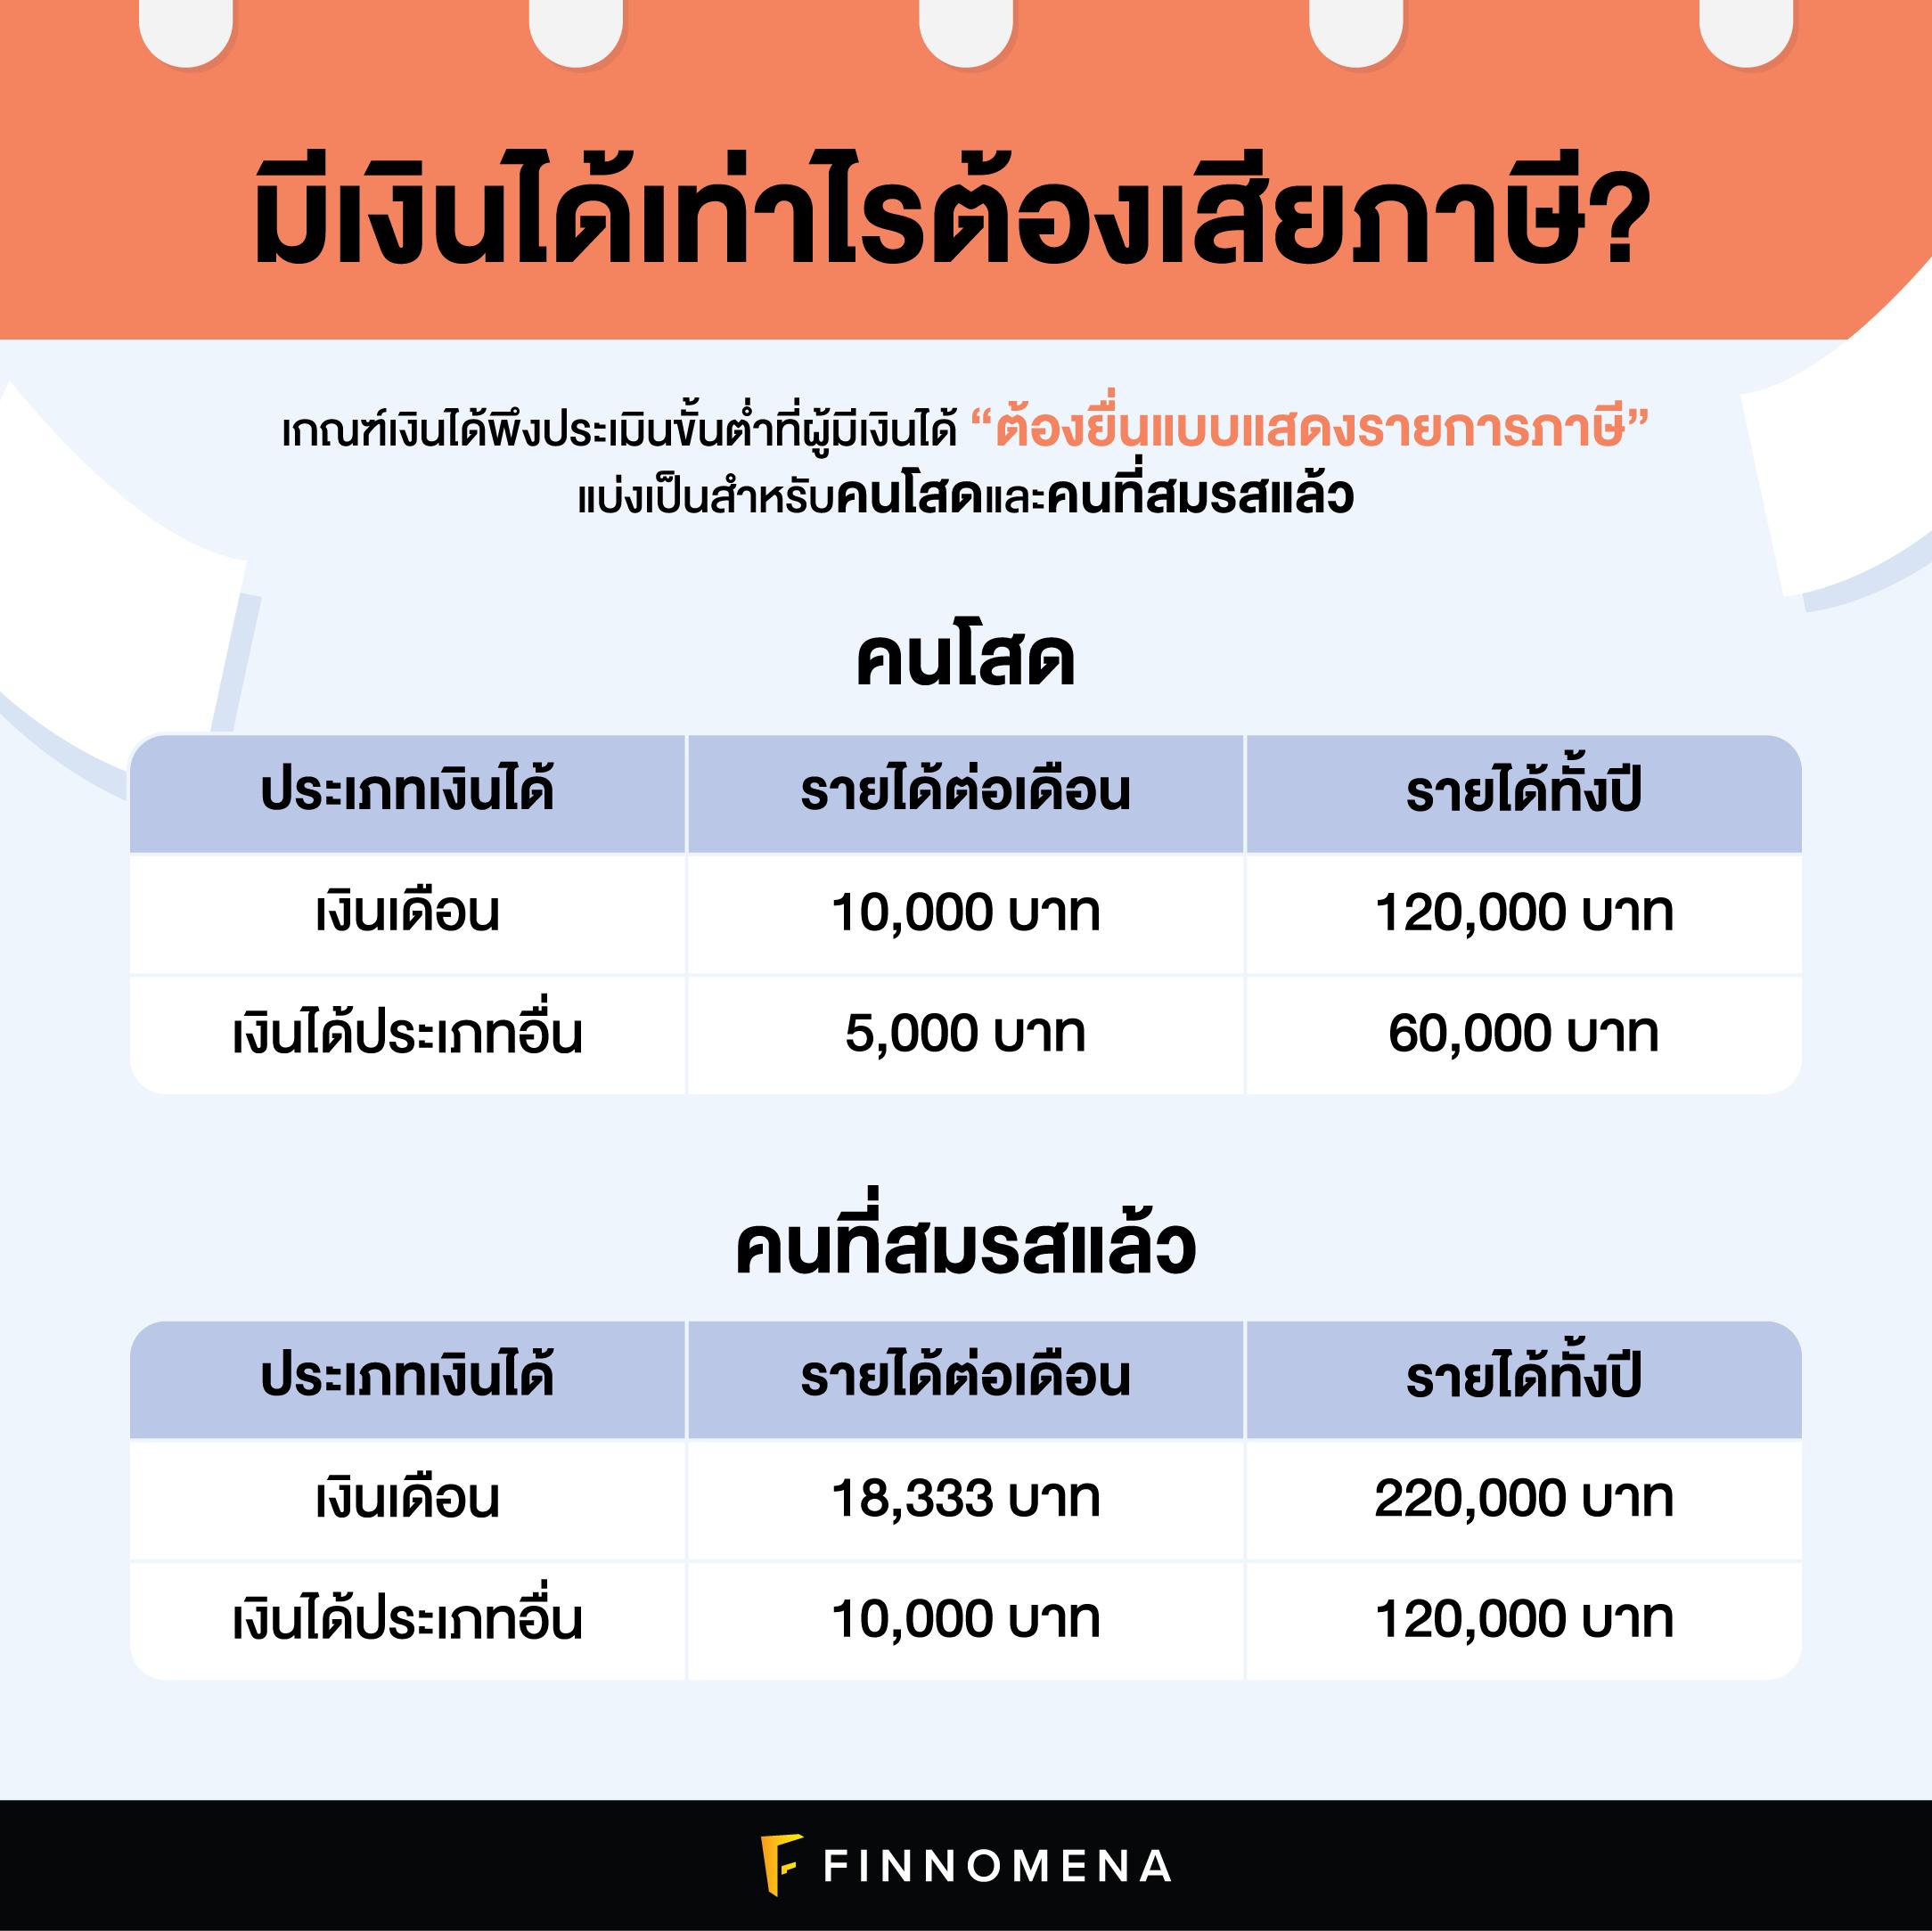 สรุปวิธีคำนวณภาษี ปี 2564: รายได้เท่าไรต้องเสียภาษีเท่าไร?สรุปวิธีคำนวณภาษี ปี 2564: รายได้เท่าไรต้องเสียภาษีเท่าไร?